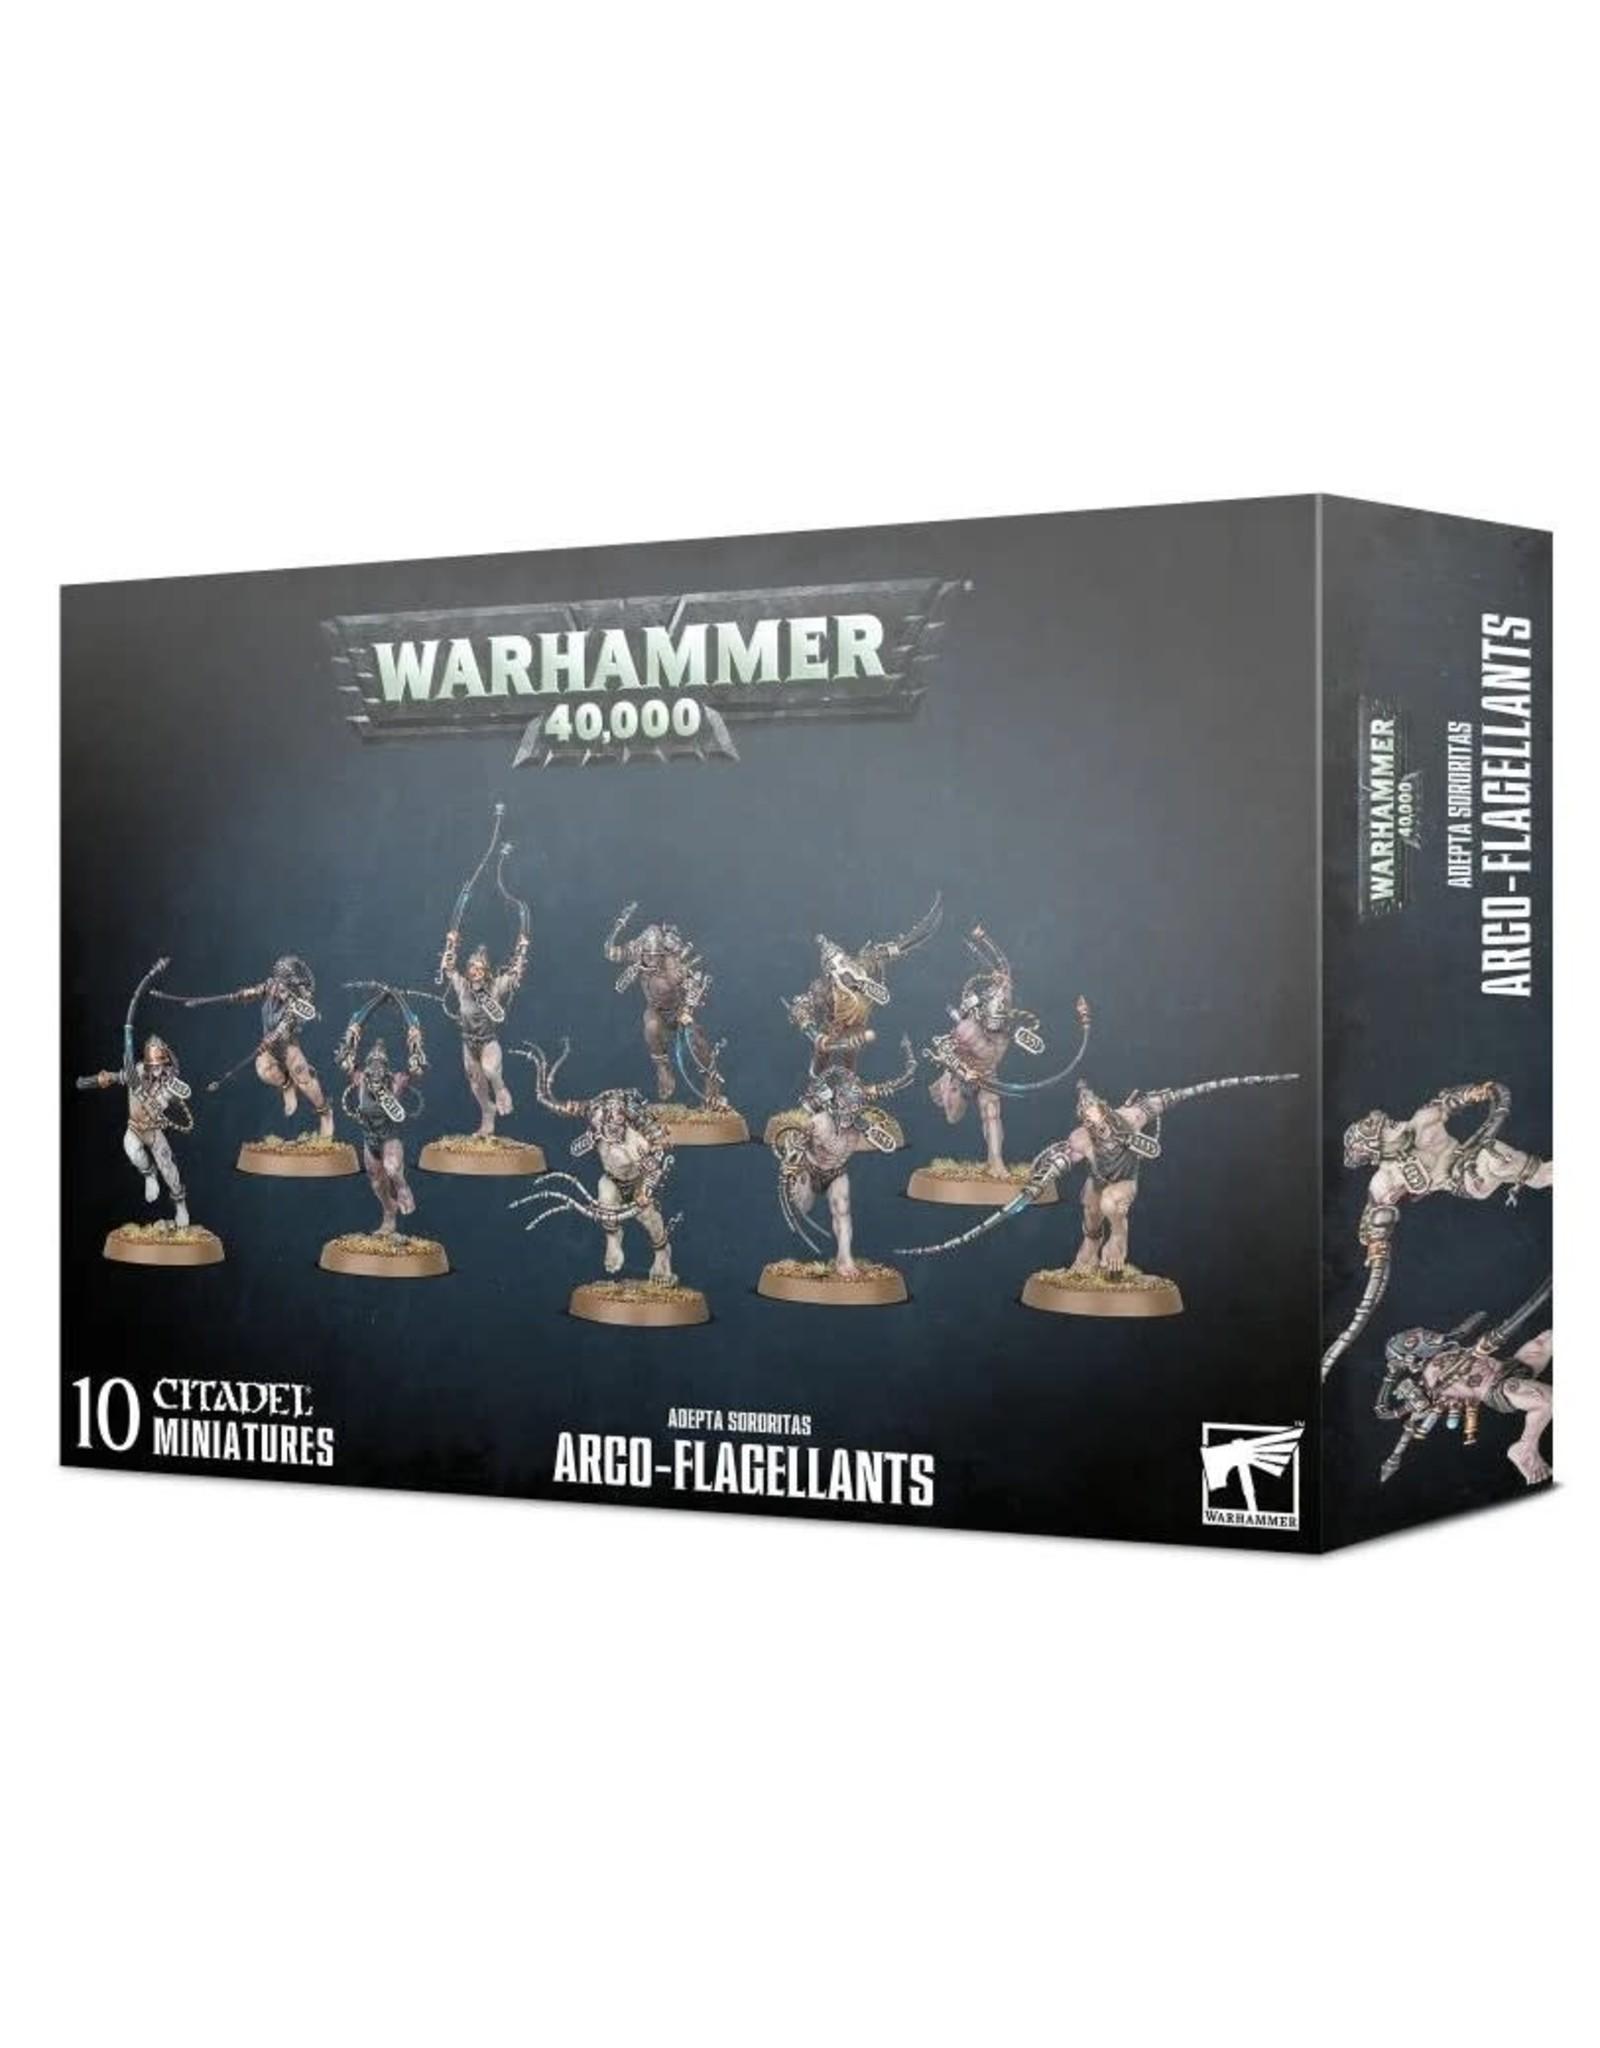 Games Workshop WH40K Adepta Sororitas Arco-Flagellants